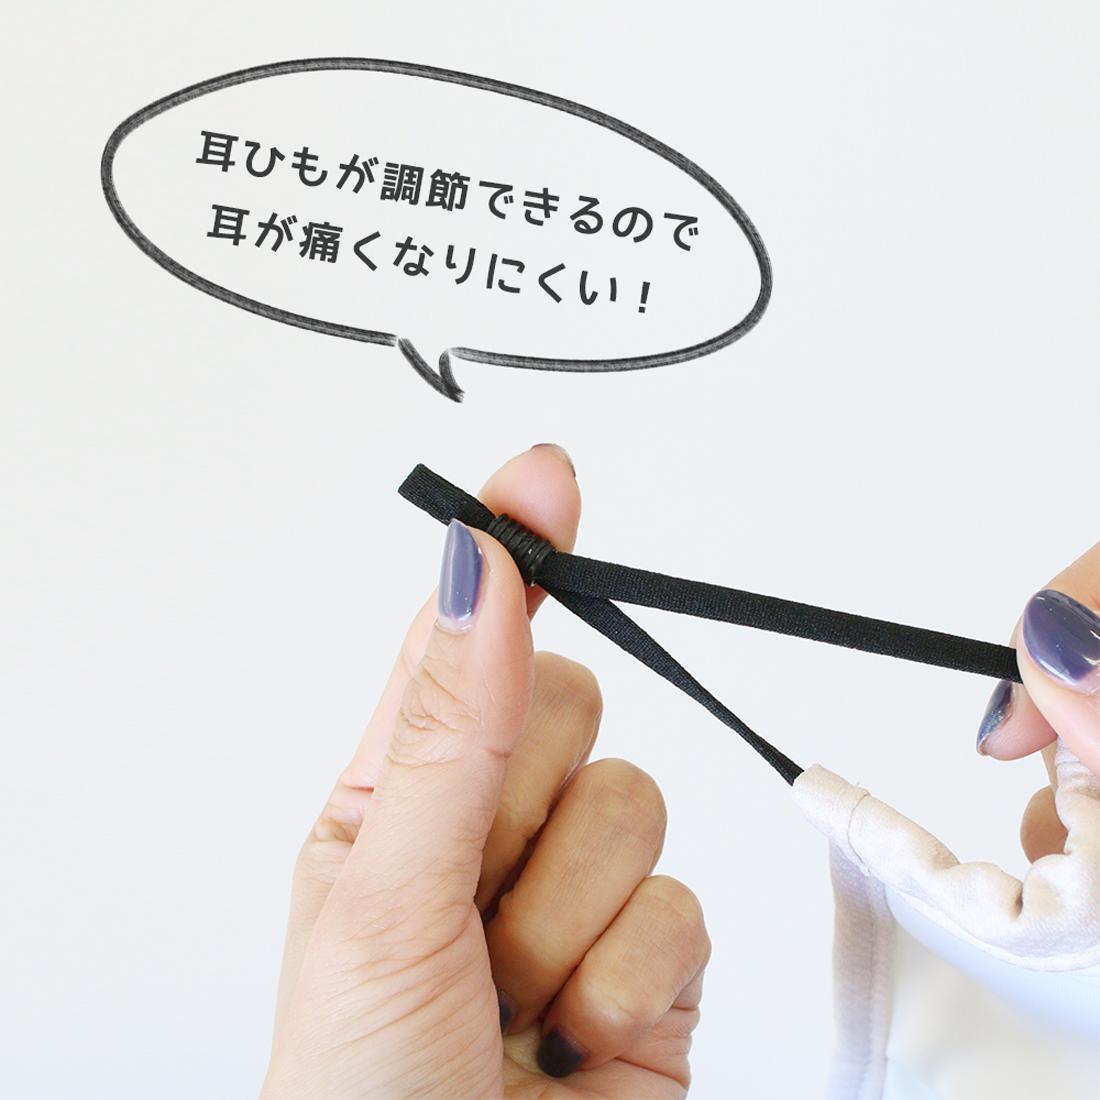 shanti / 冷感・抗菌・速乾マスク / 無地 [メール便対象品]